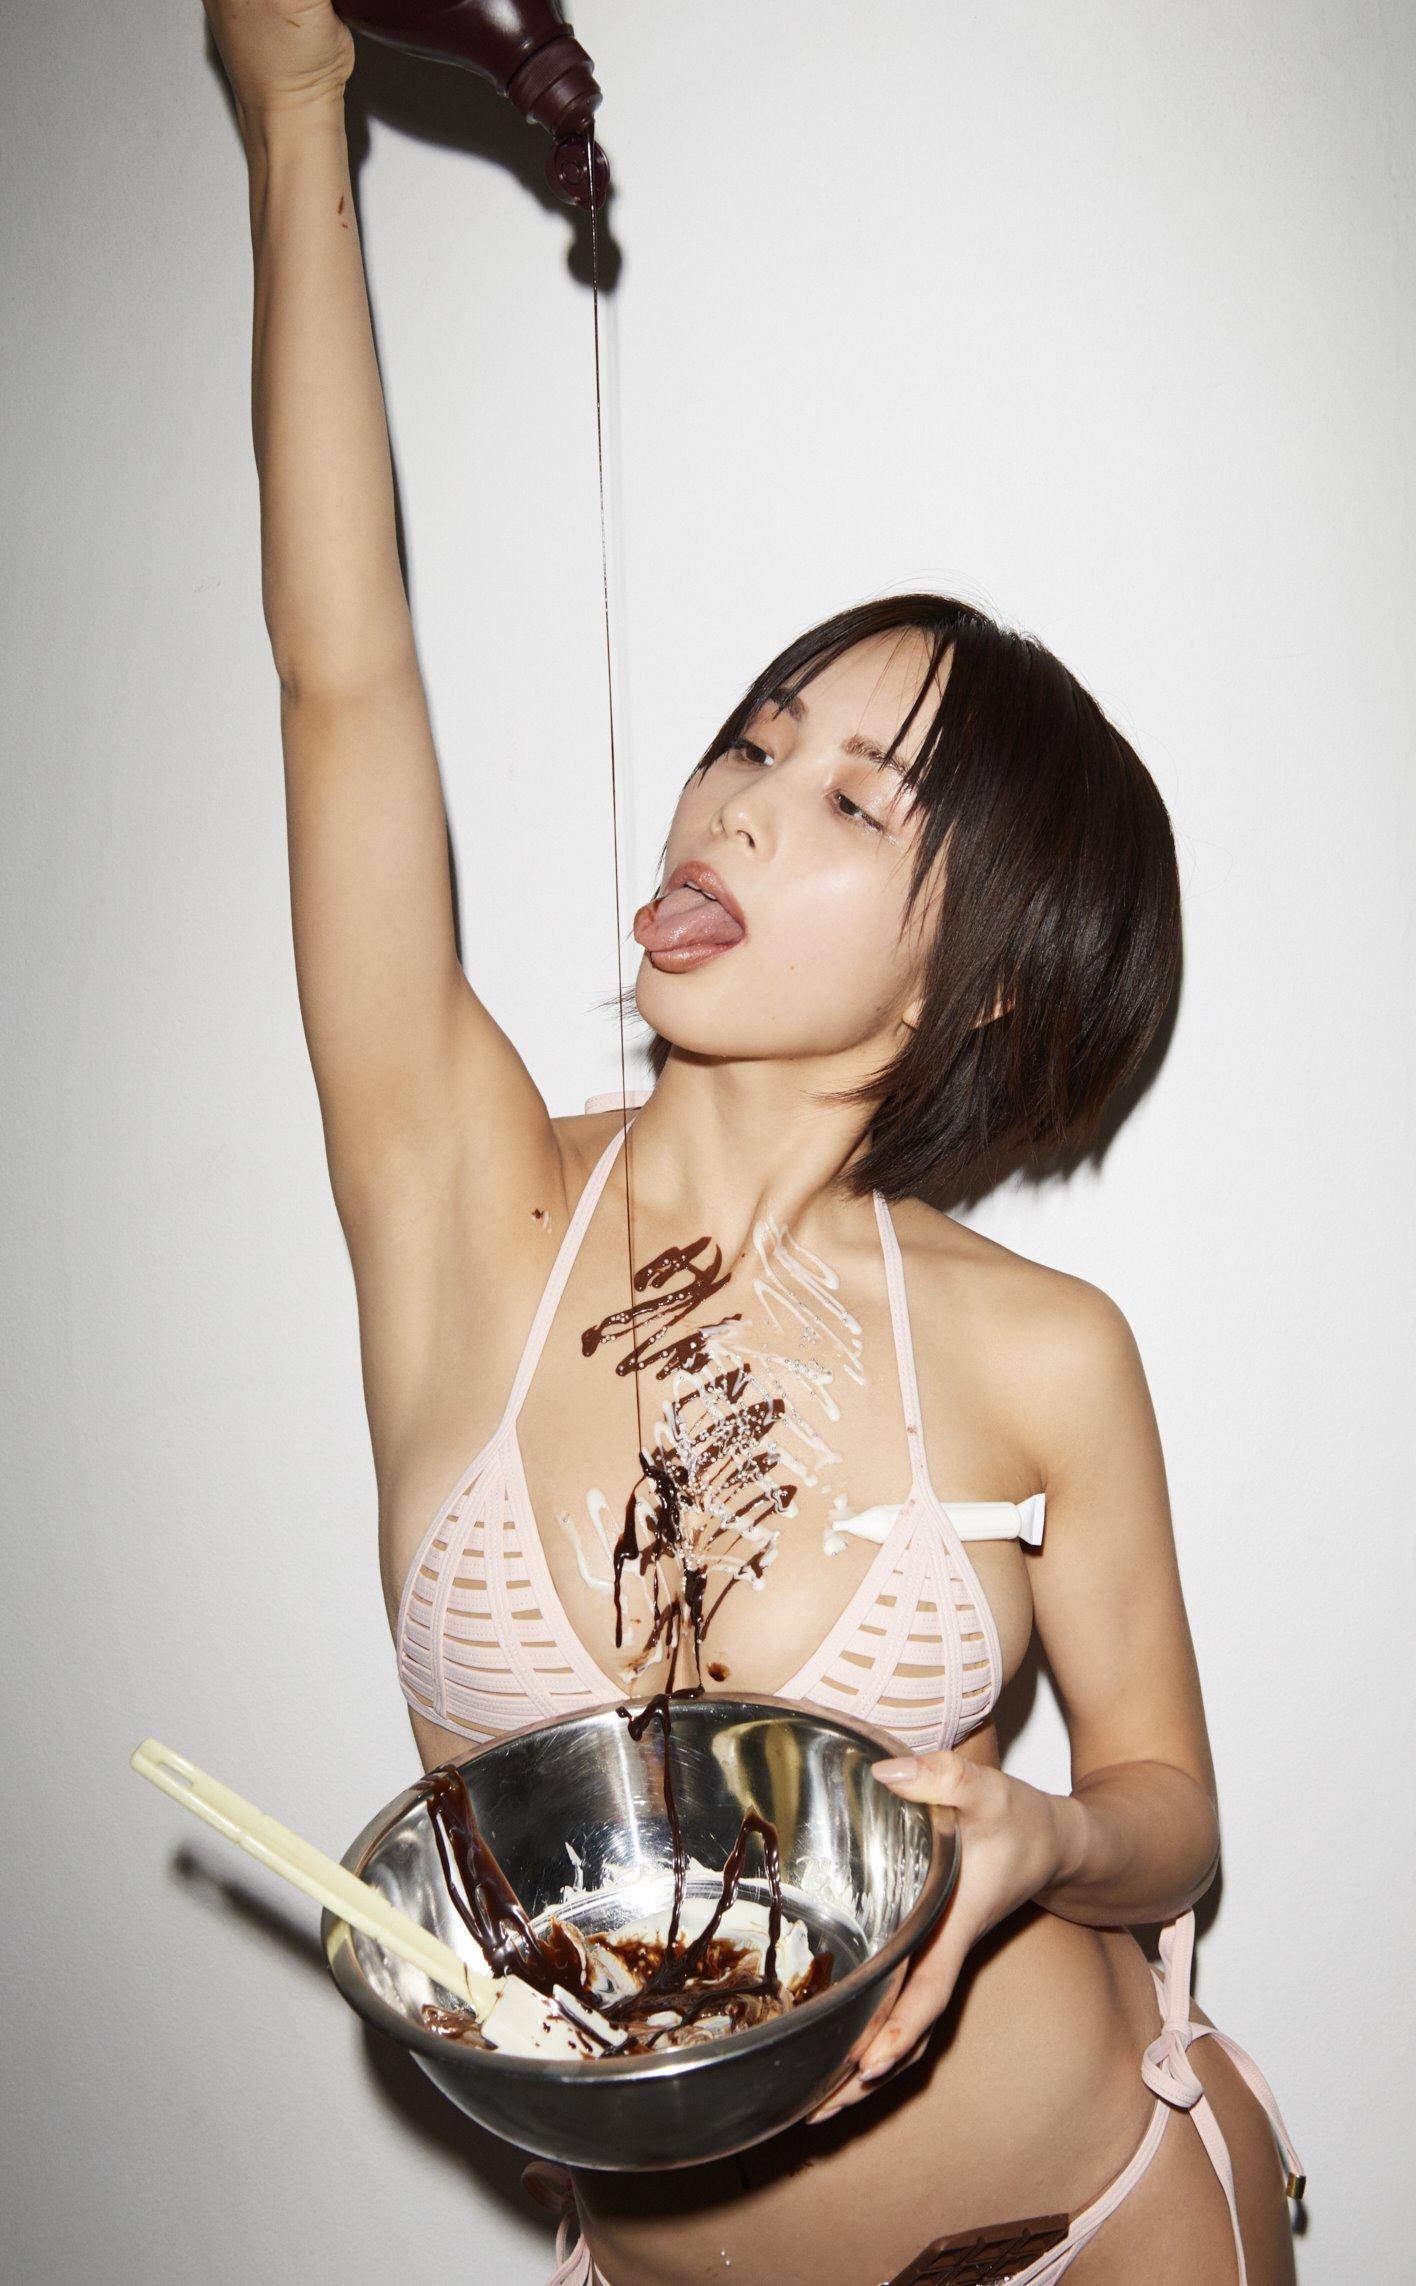 犬童美乃梨のチョコ垂らし舌出し (3)